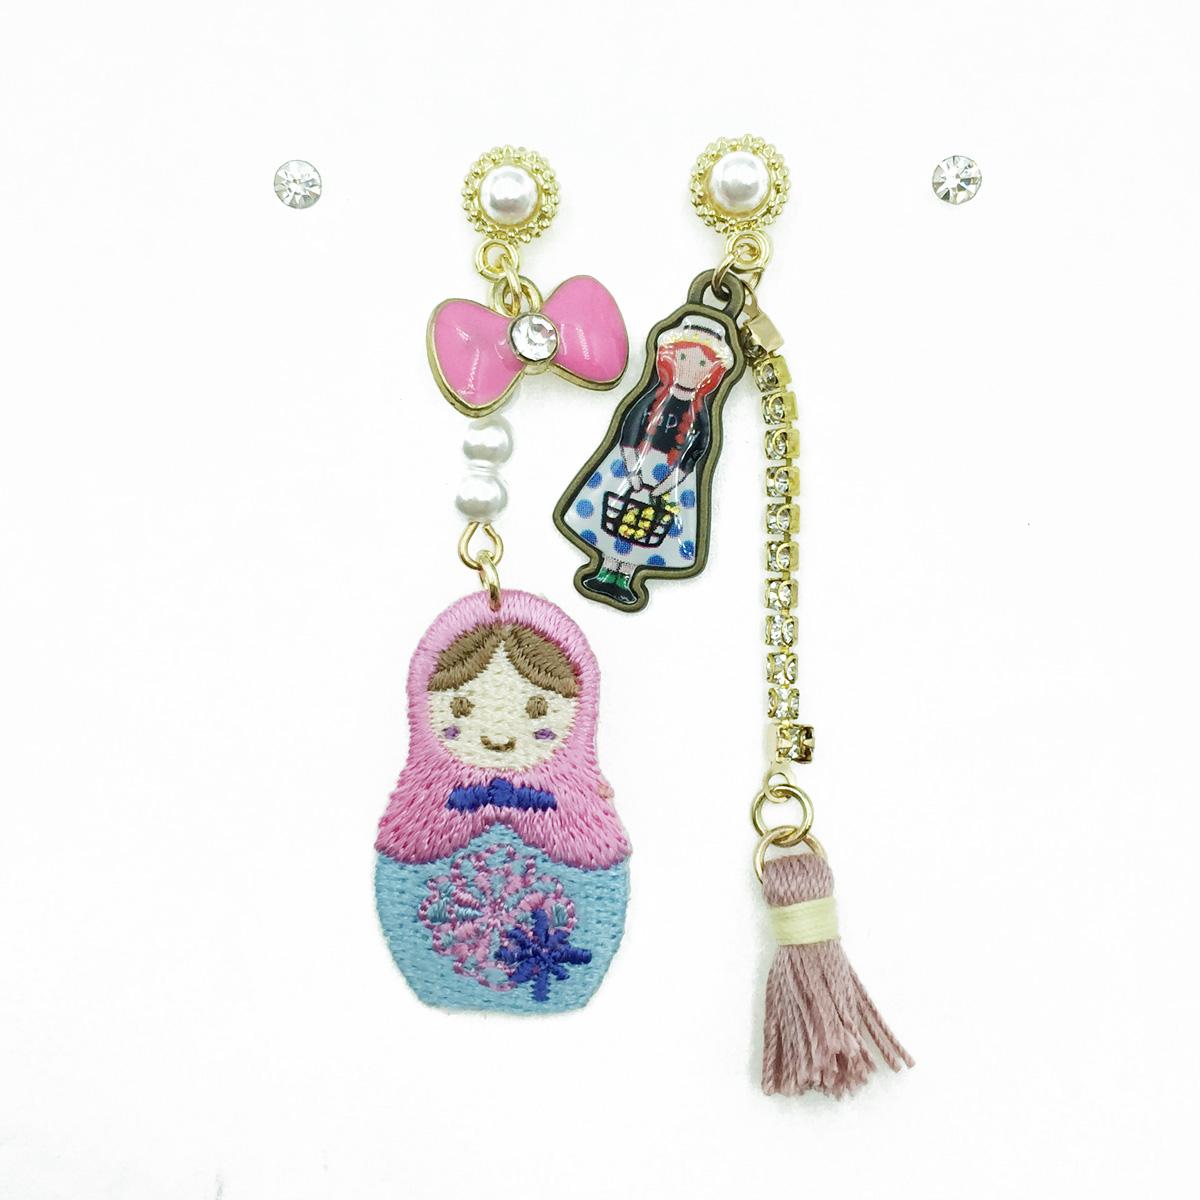 韓國 俄羅斯娃娃 蝴蝶結水鑽 珍珠流蘇 四入 垂墜感 耳針式耳環